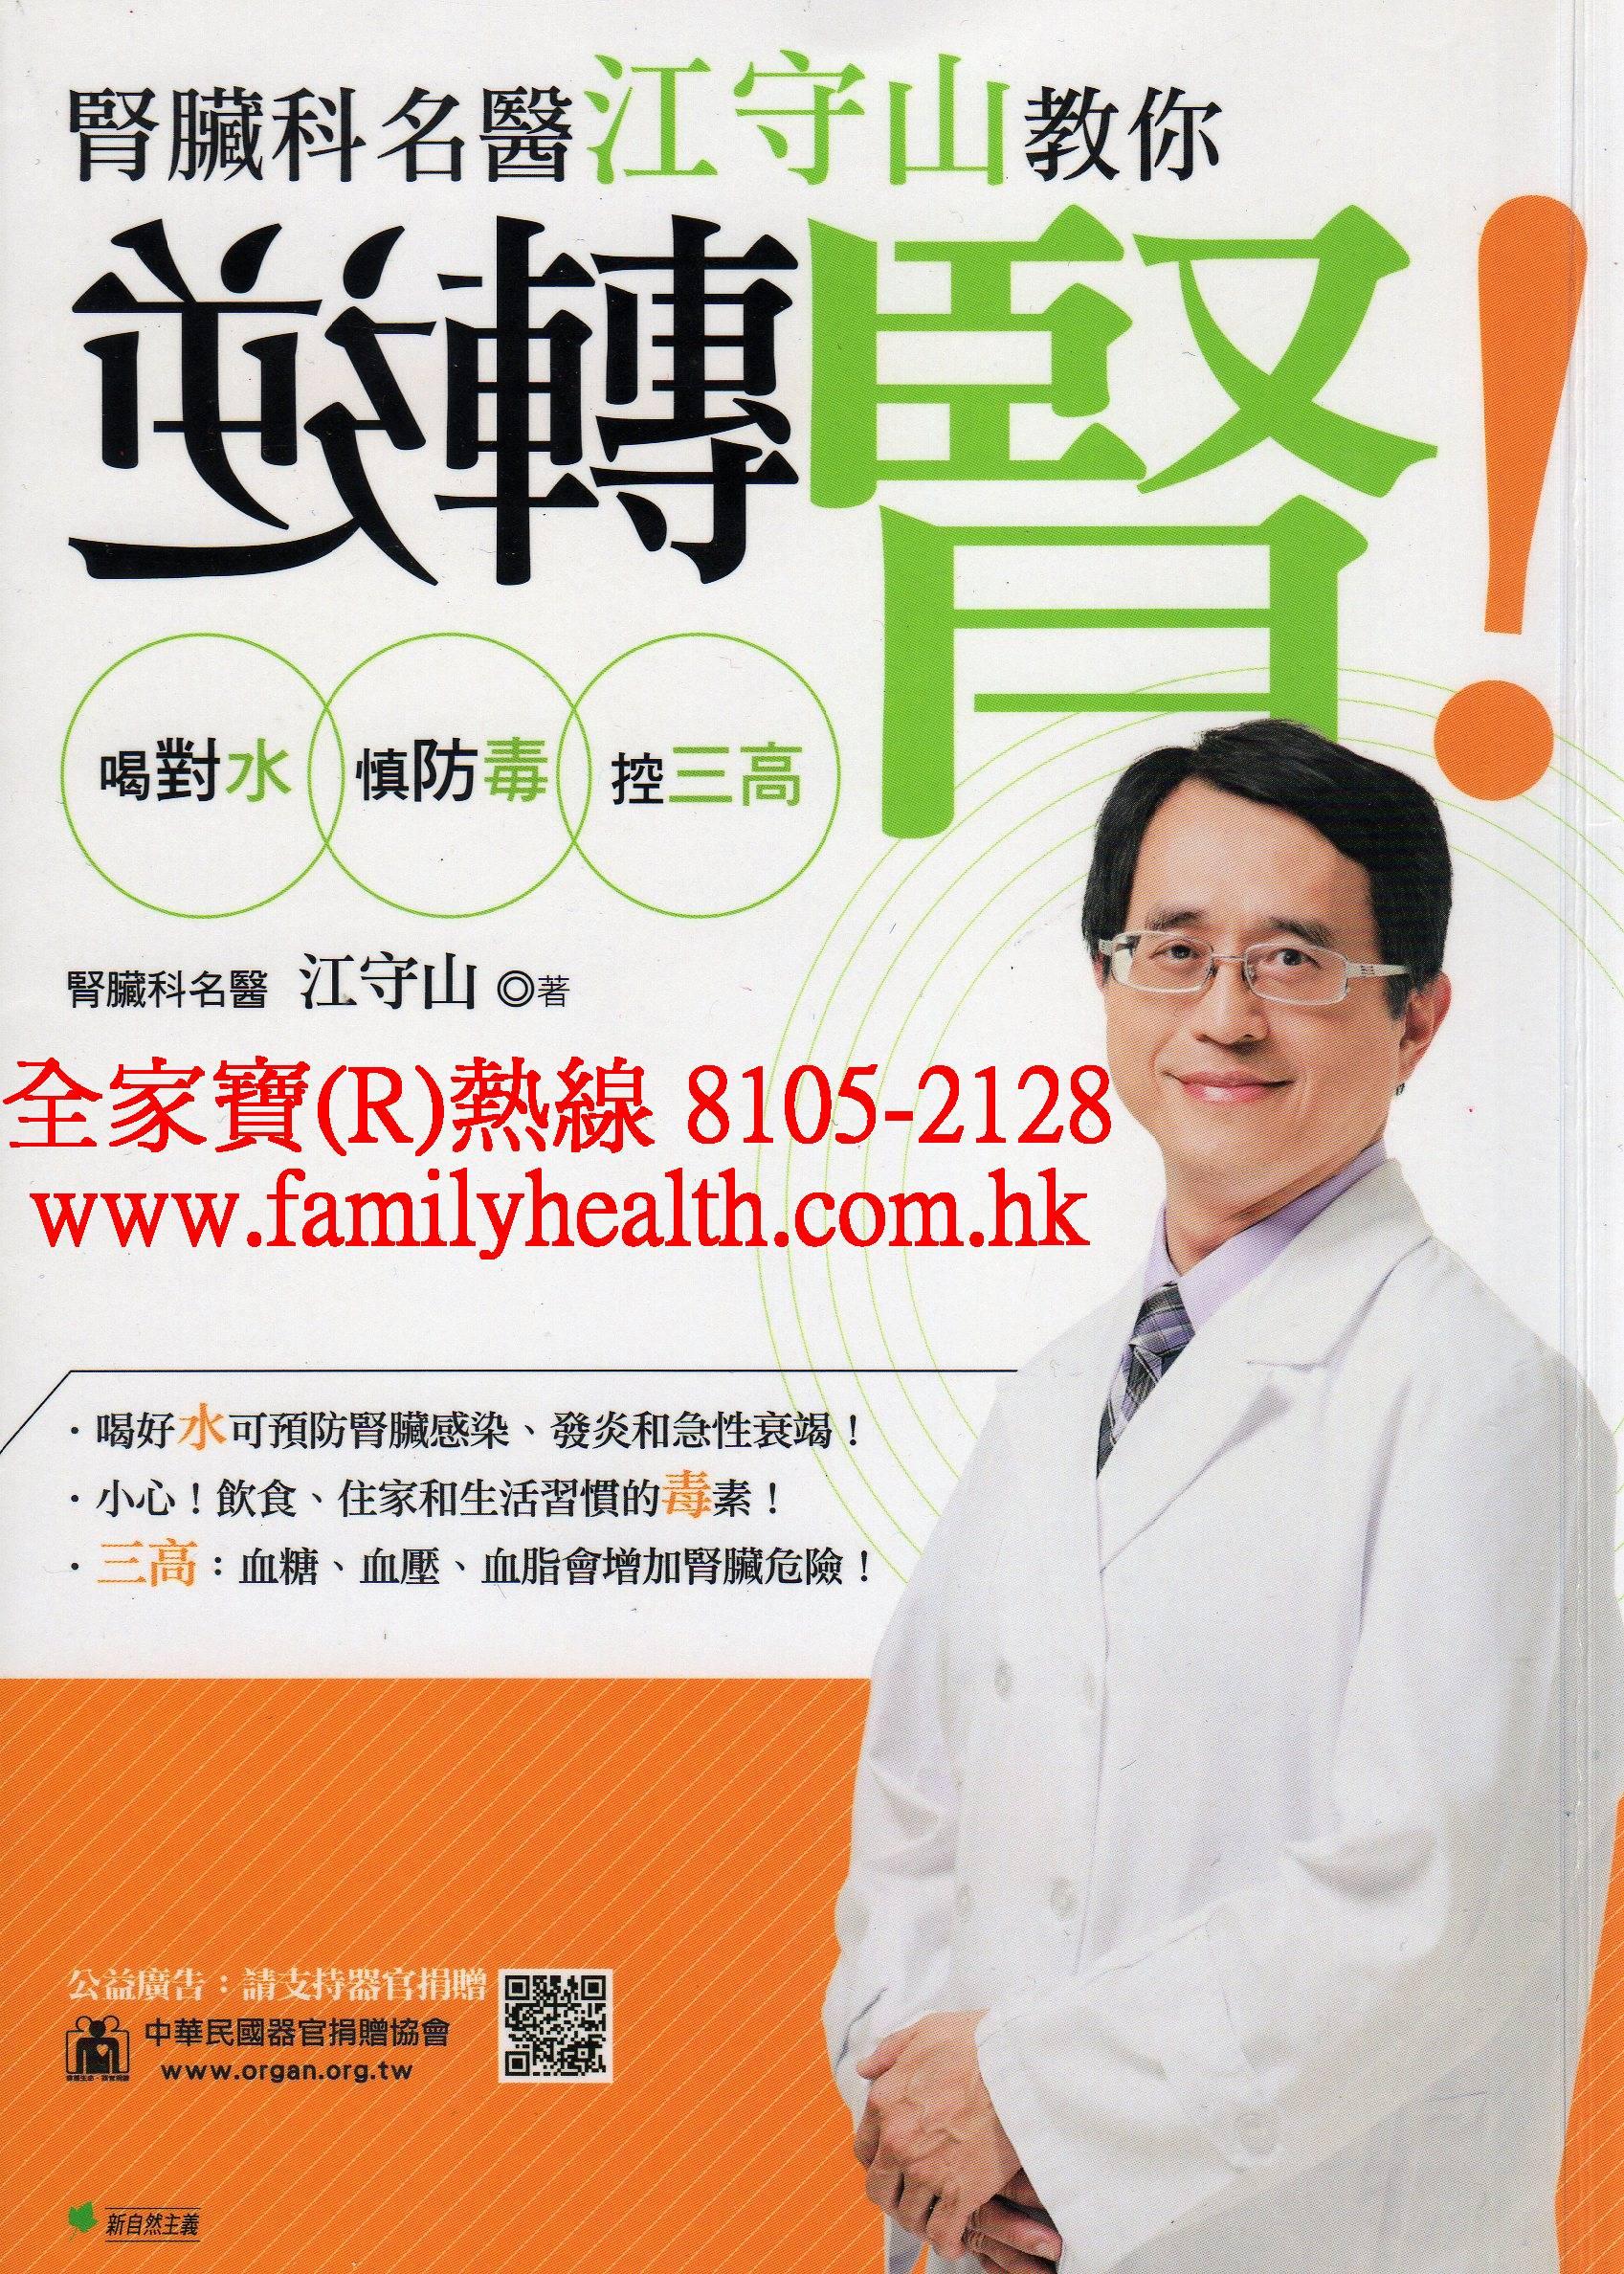 http://www.familyhealth.com.hk/files/full/1024_0.jpg